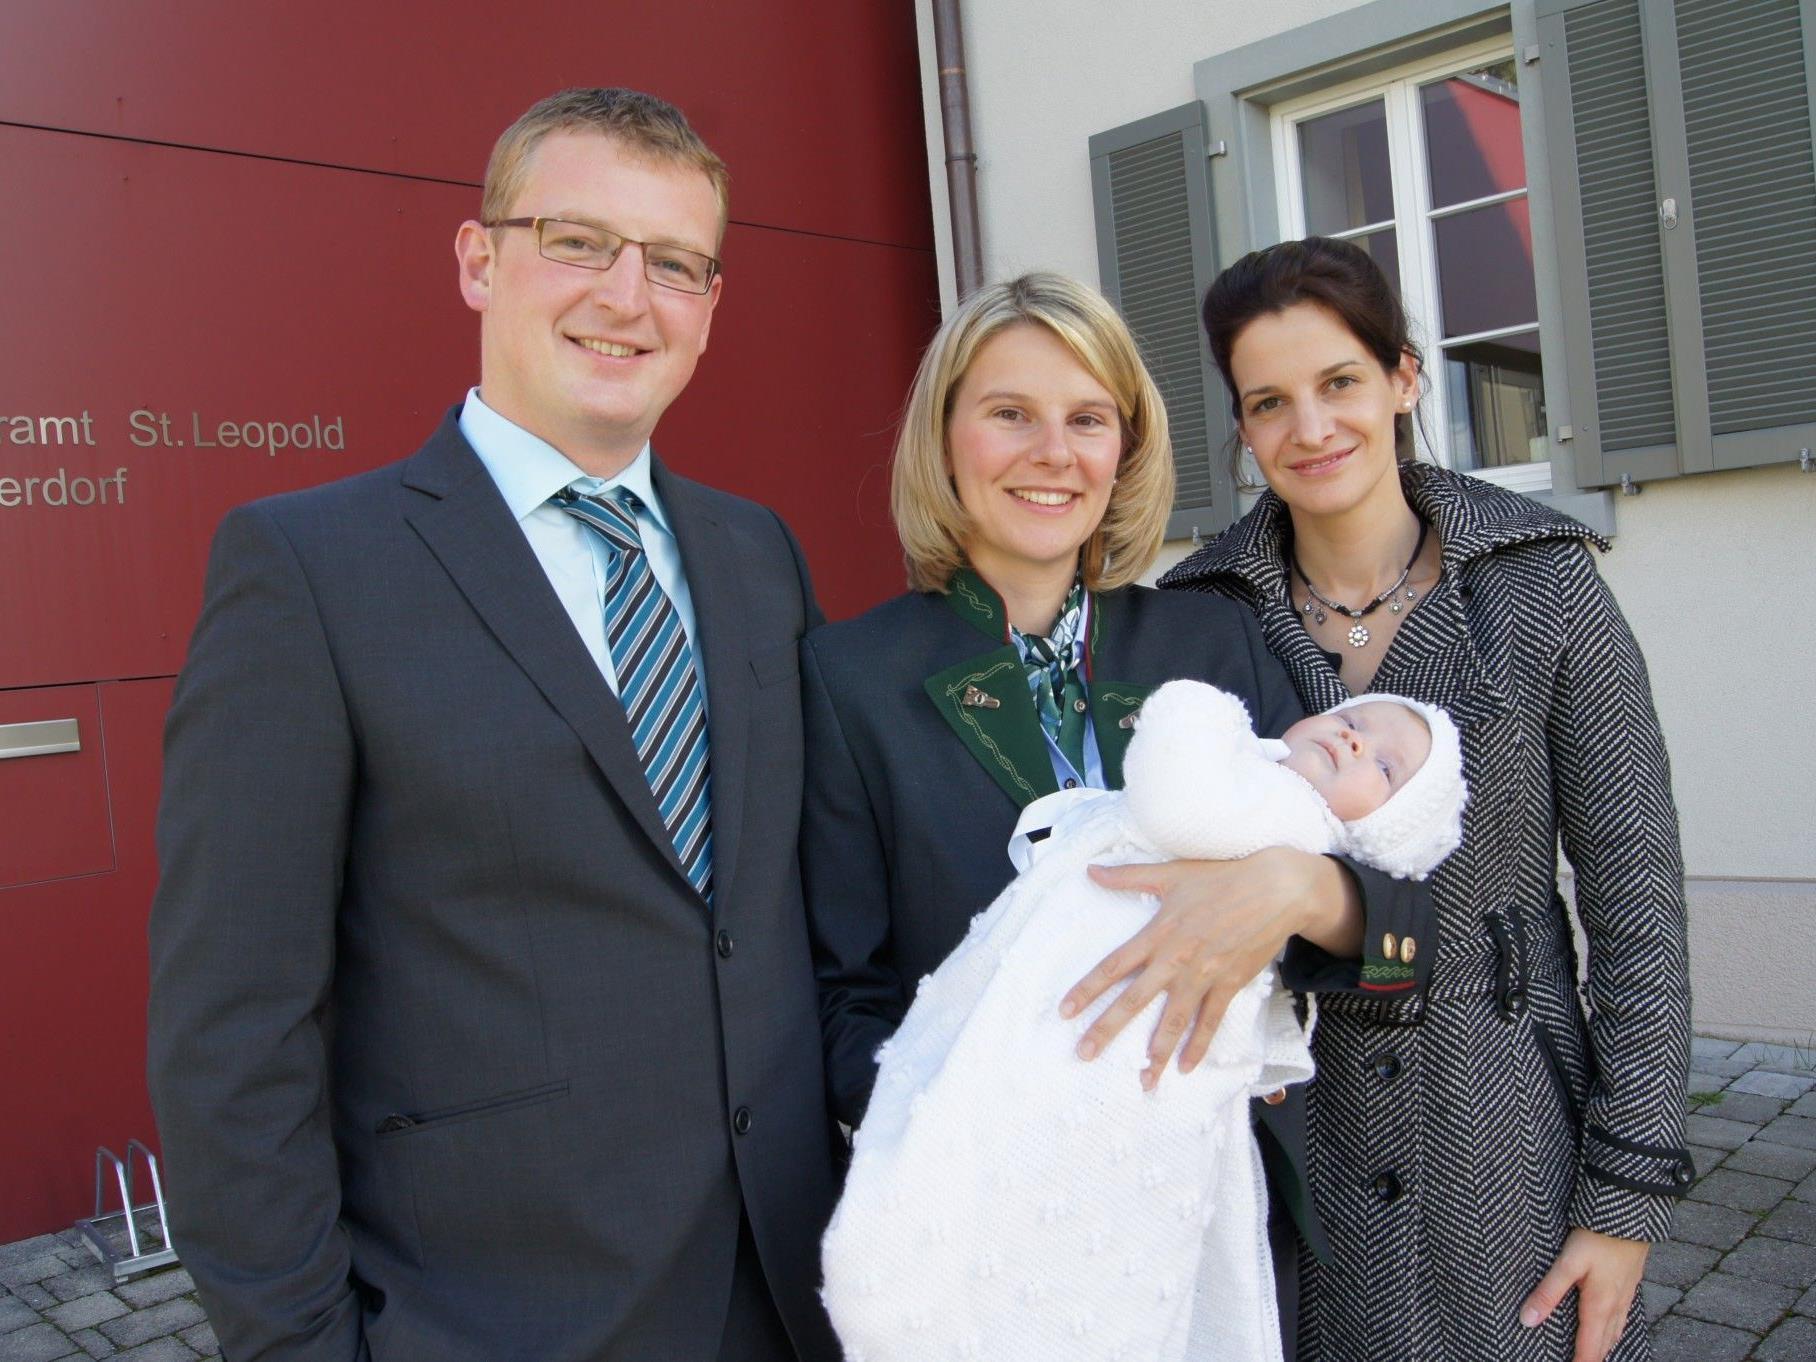 Taufe von Anja Kainz in der Katharine-Drexel-Kapelle